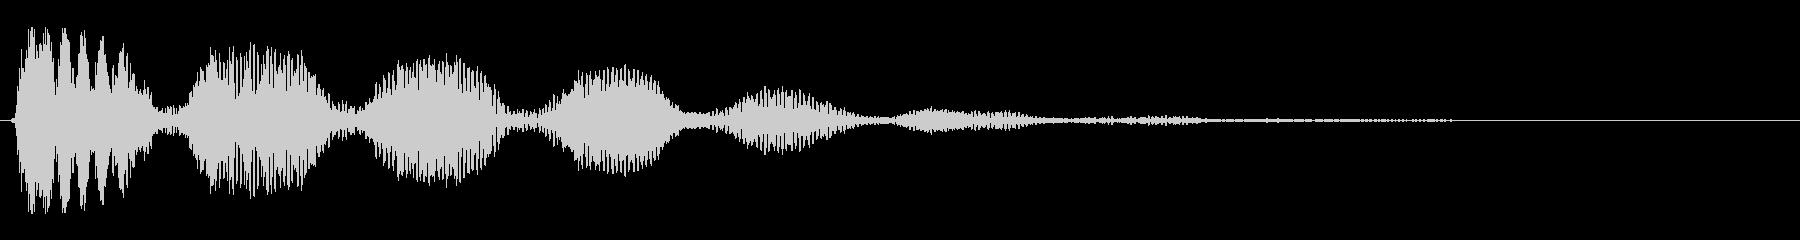 ウォンウォン(不思議系サウンド)の未再生の波形